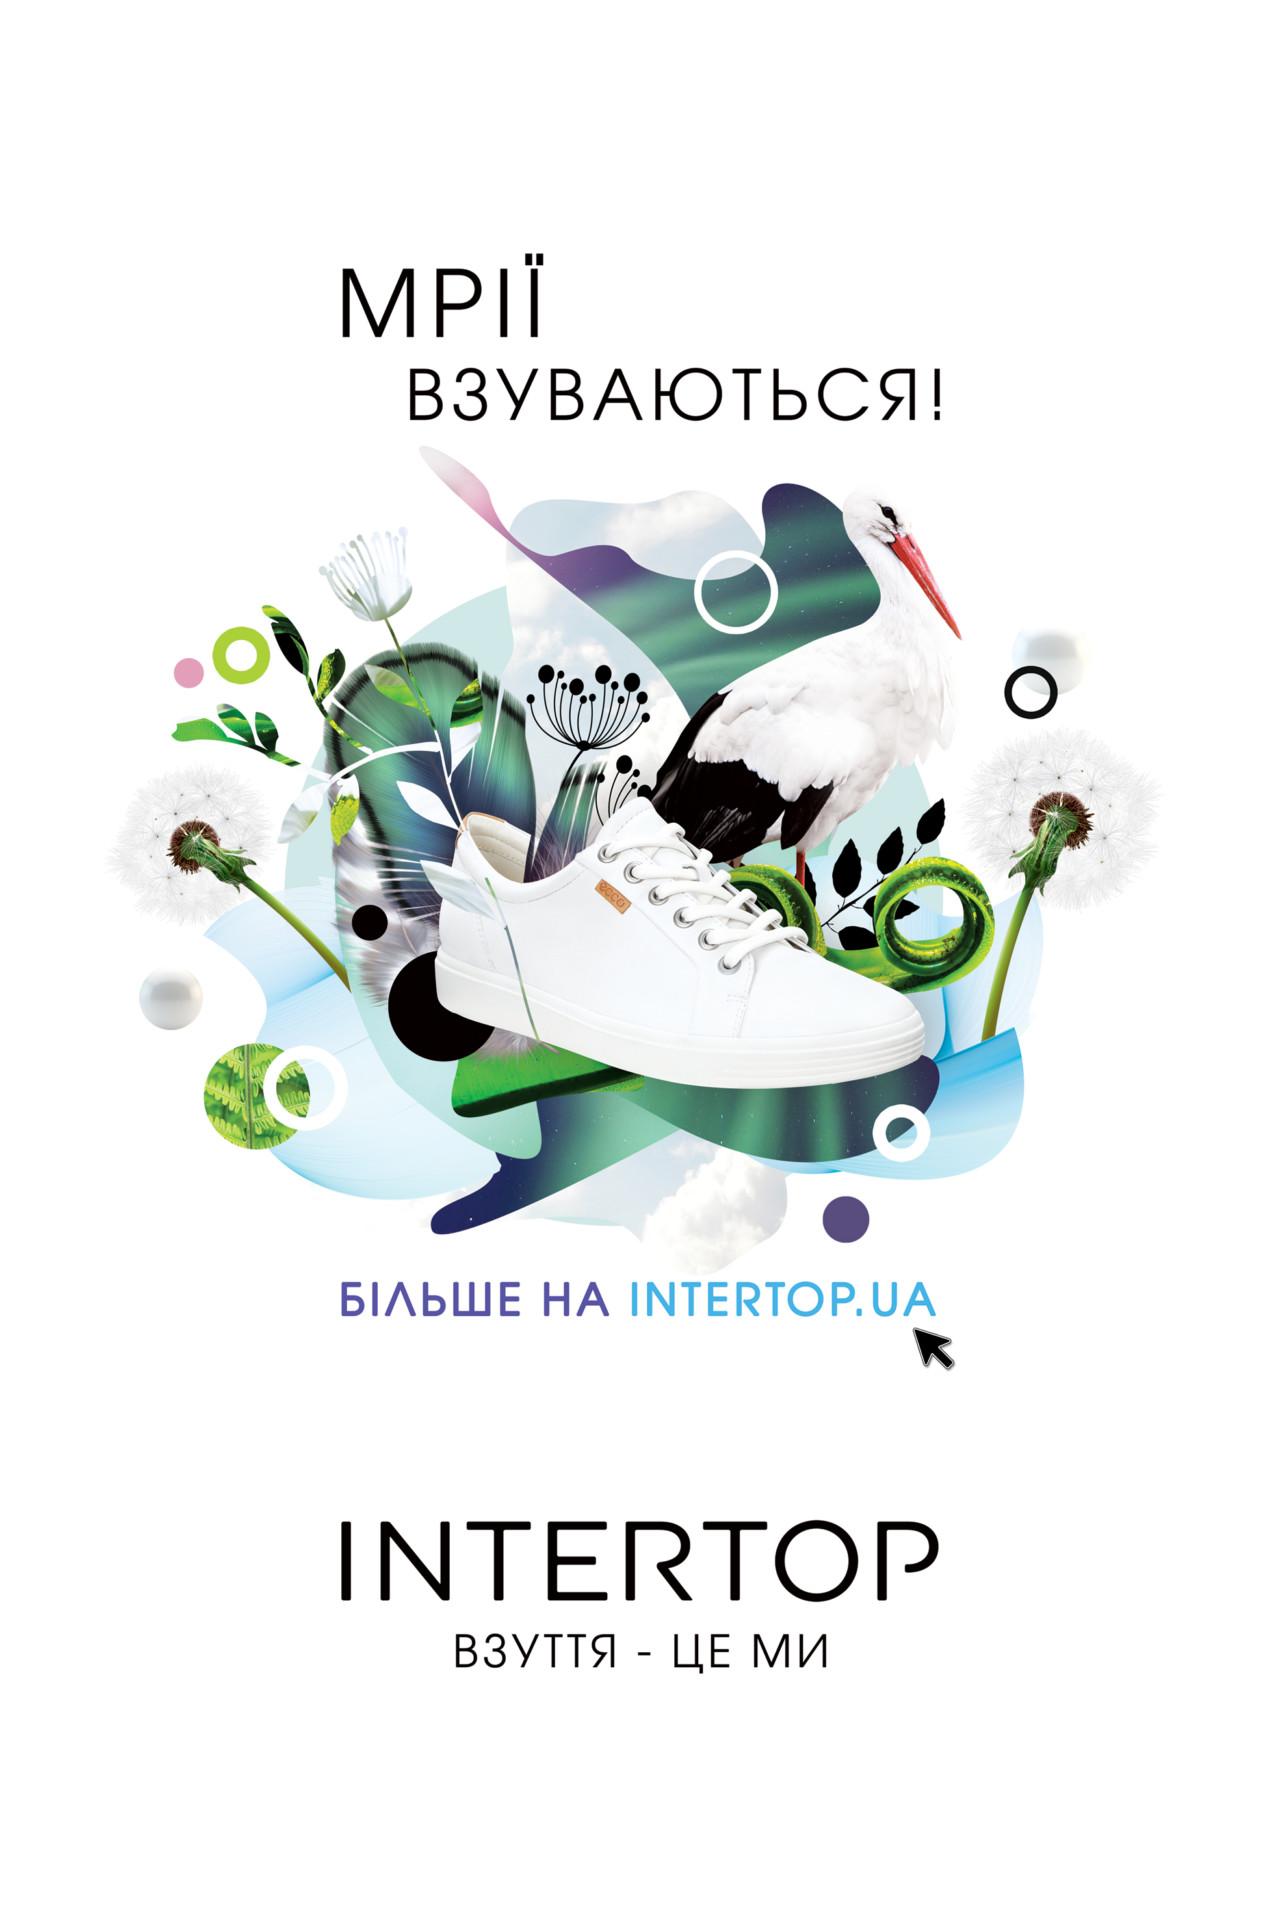 ... братів Костенко в цьому сезоні перетворять магазини INTERTOP в  арт-галерею 5c627d37a9d87